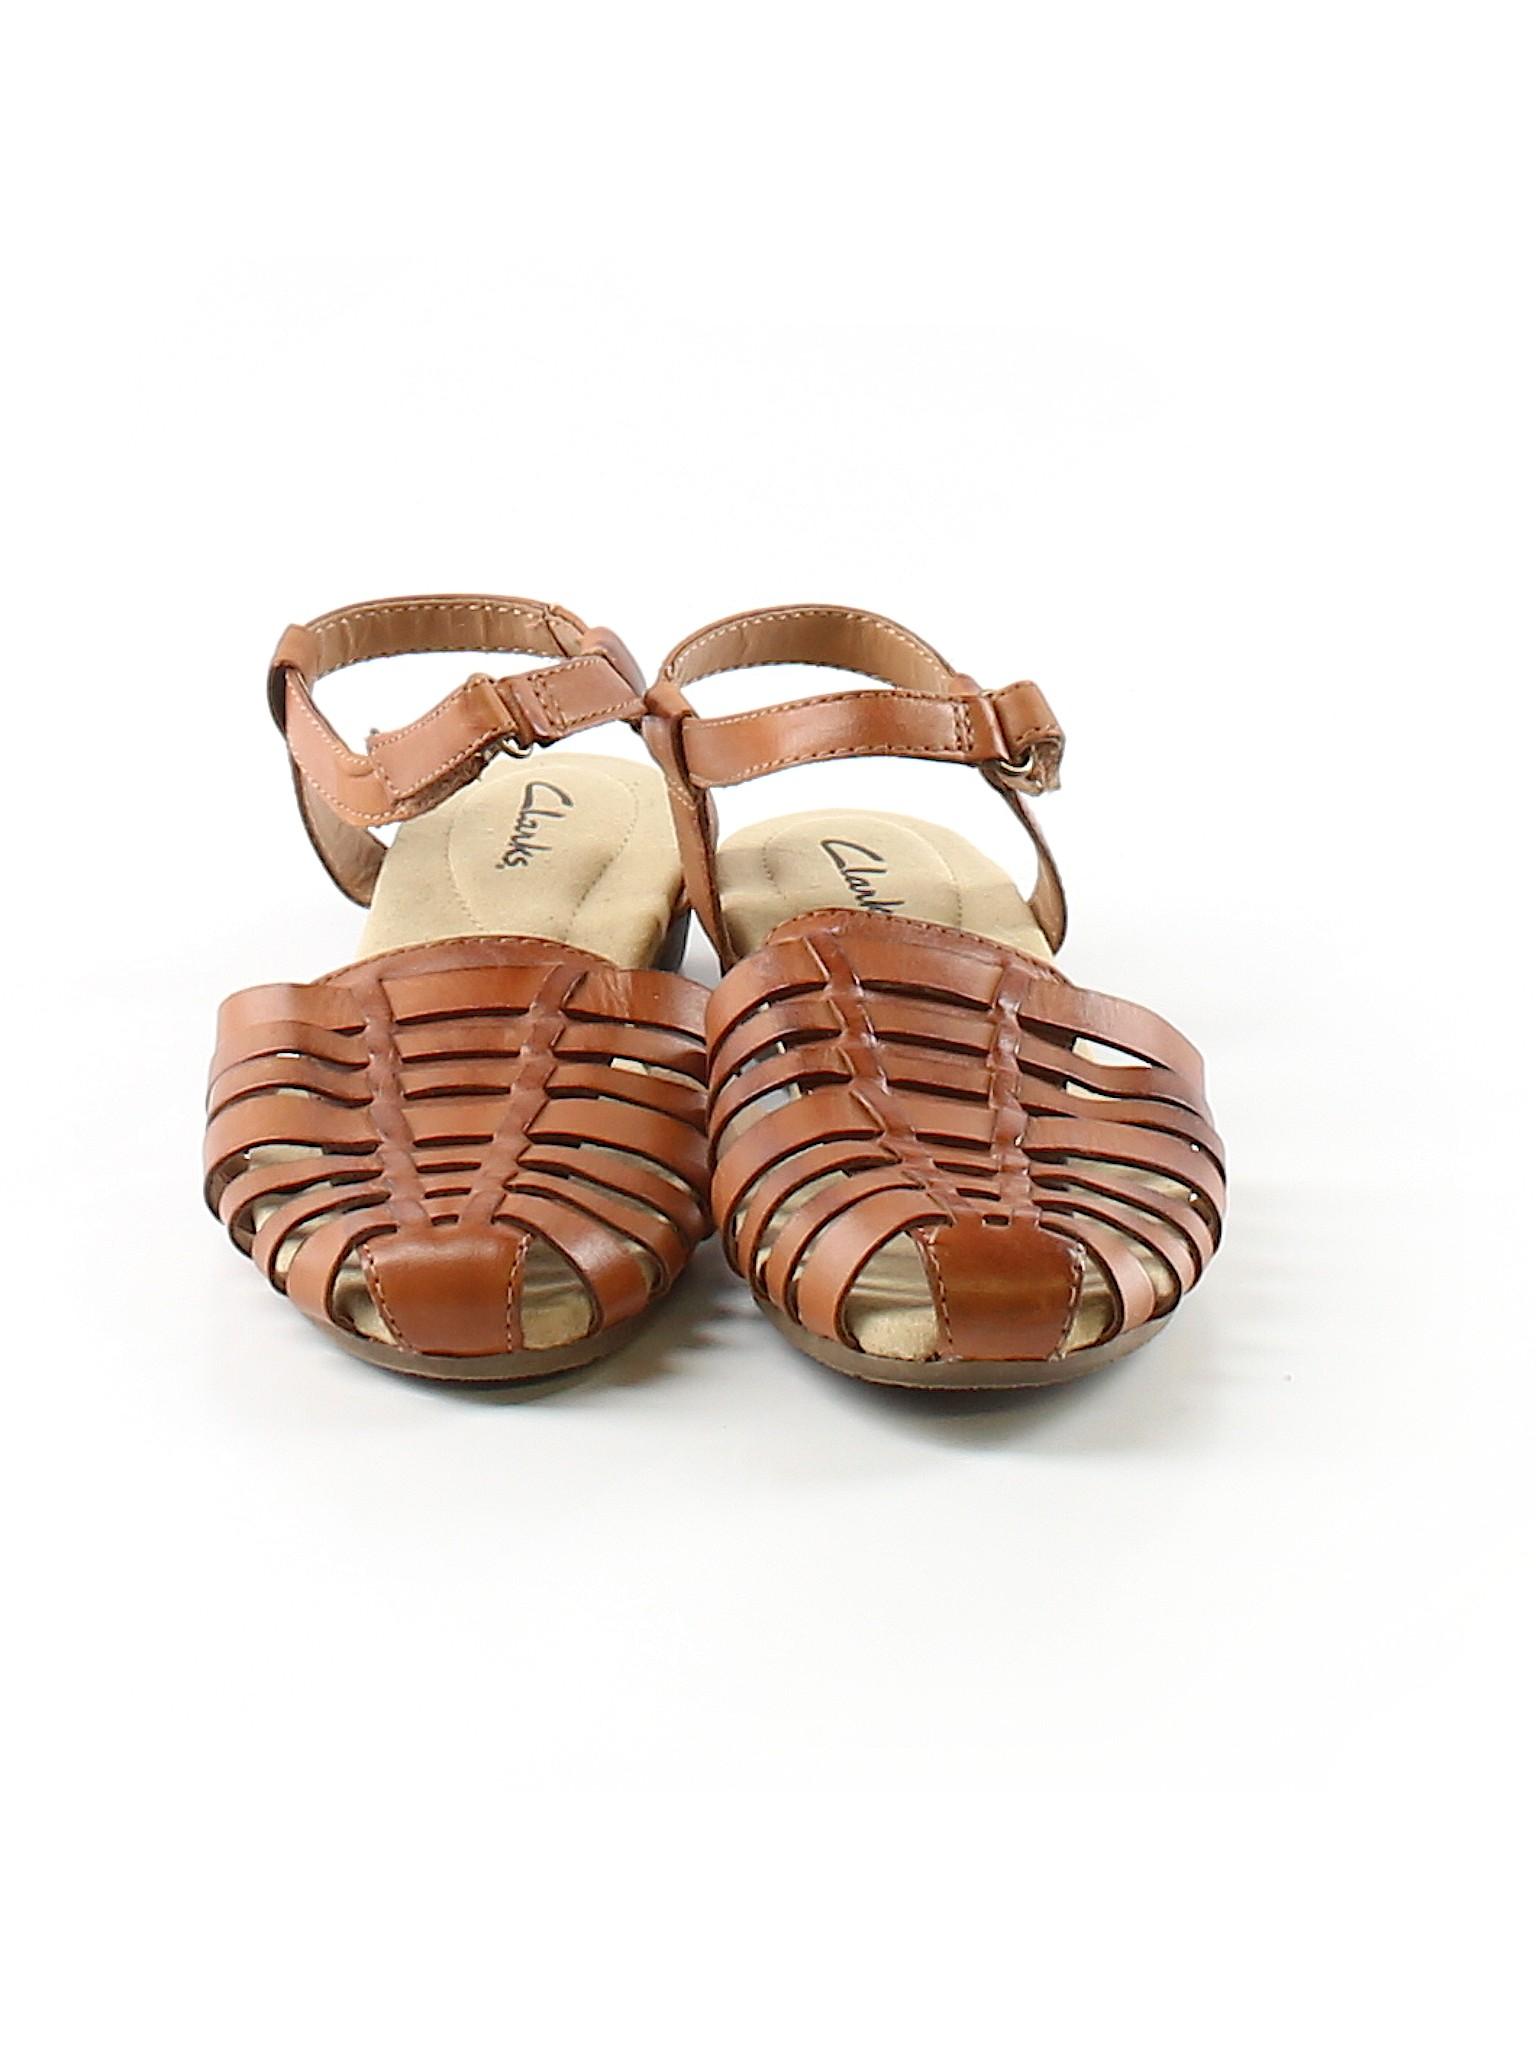 Boutique promotion Sandals Sandals Clarks Clarks promotion Boutique qtfAWEn8